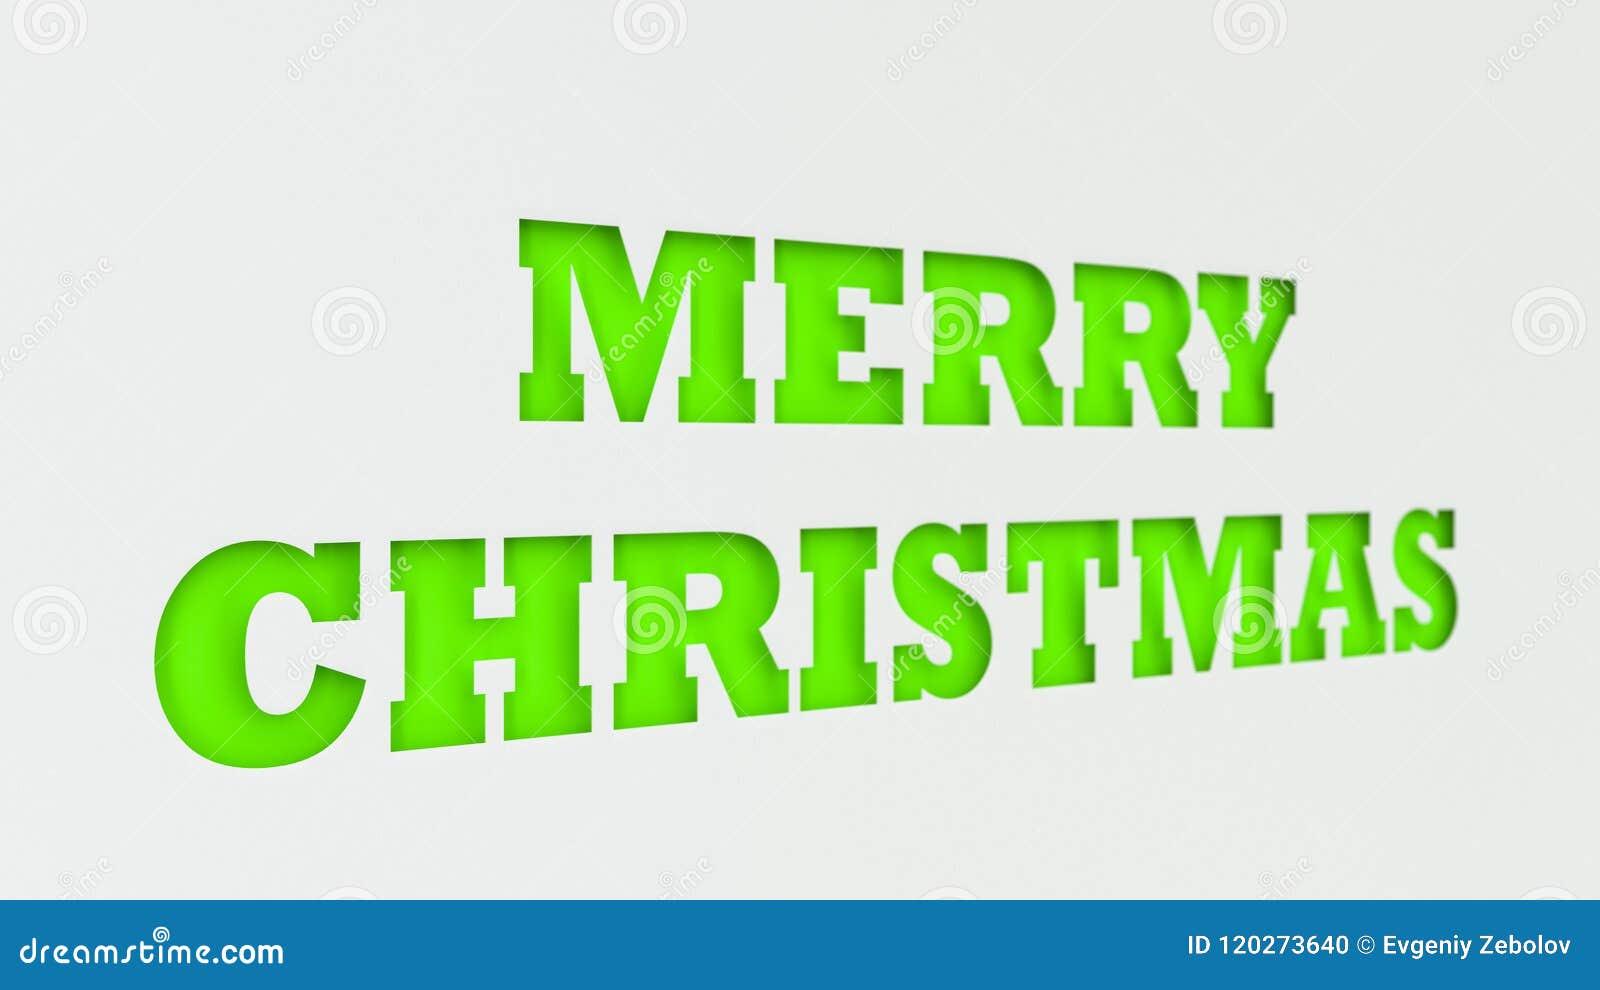 Parole Di Buon Natale.Parole Verdi Di Buon Natale Tagliate In Libro Bianco